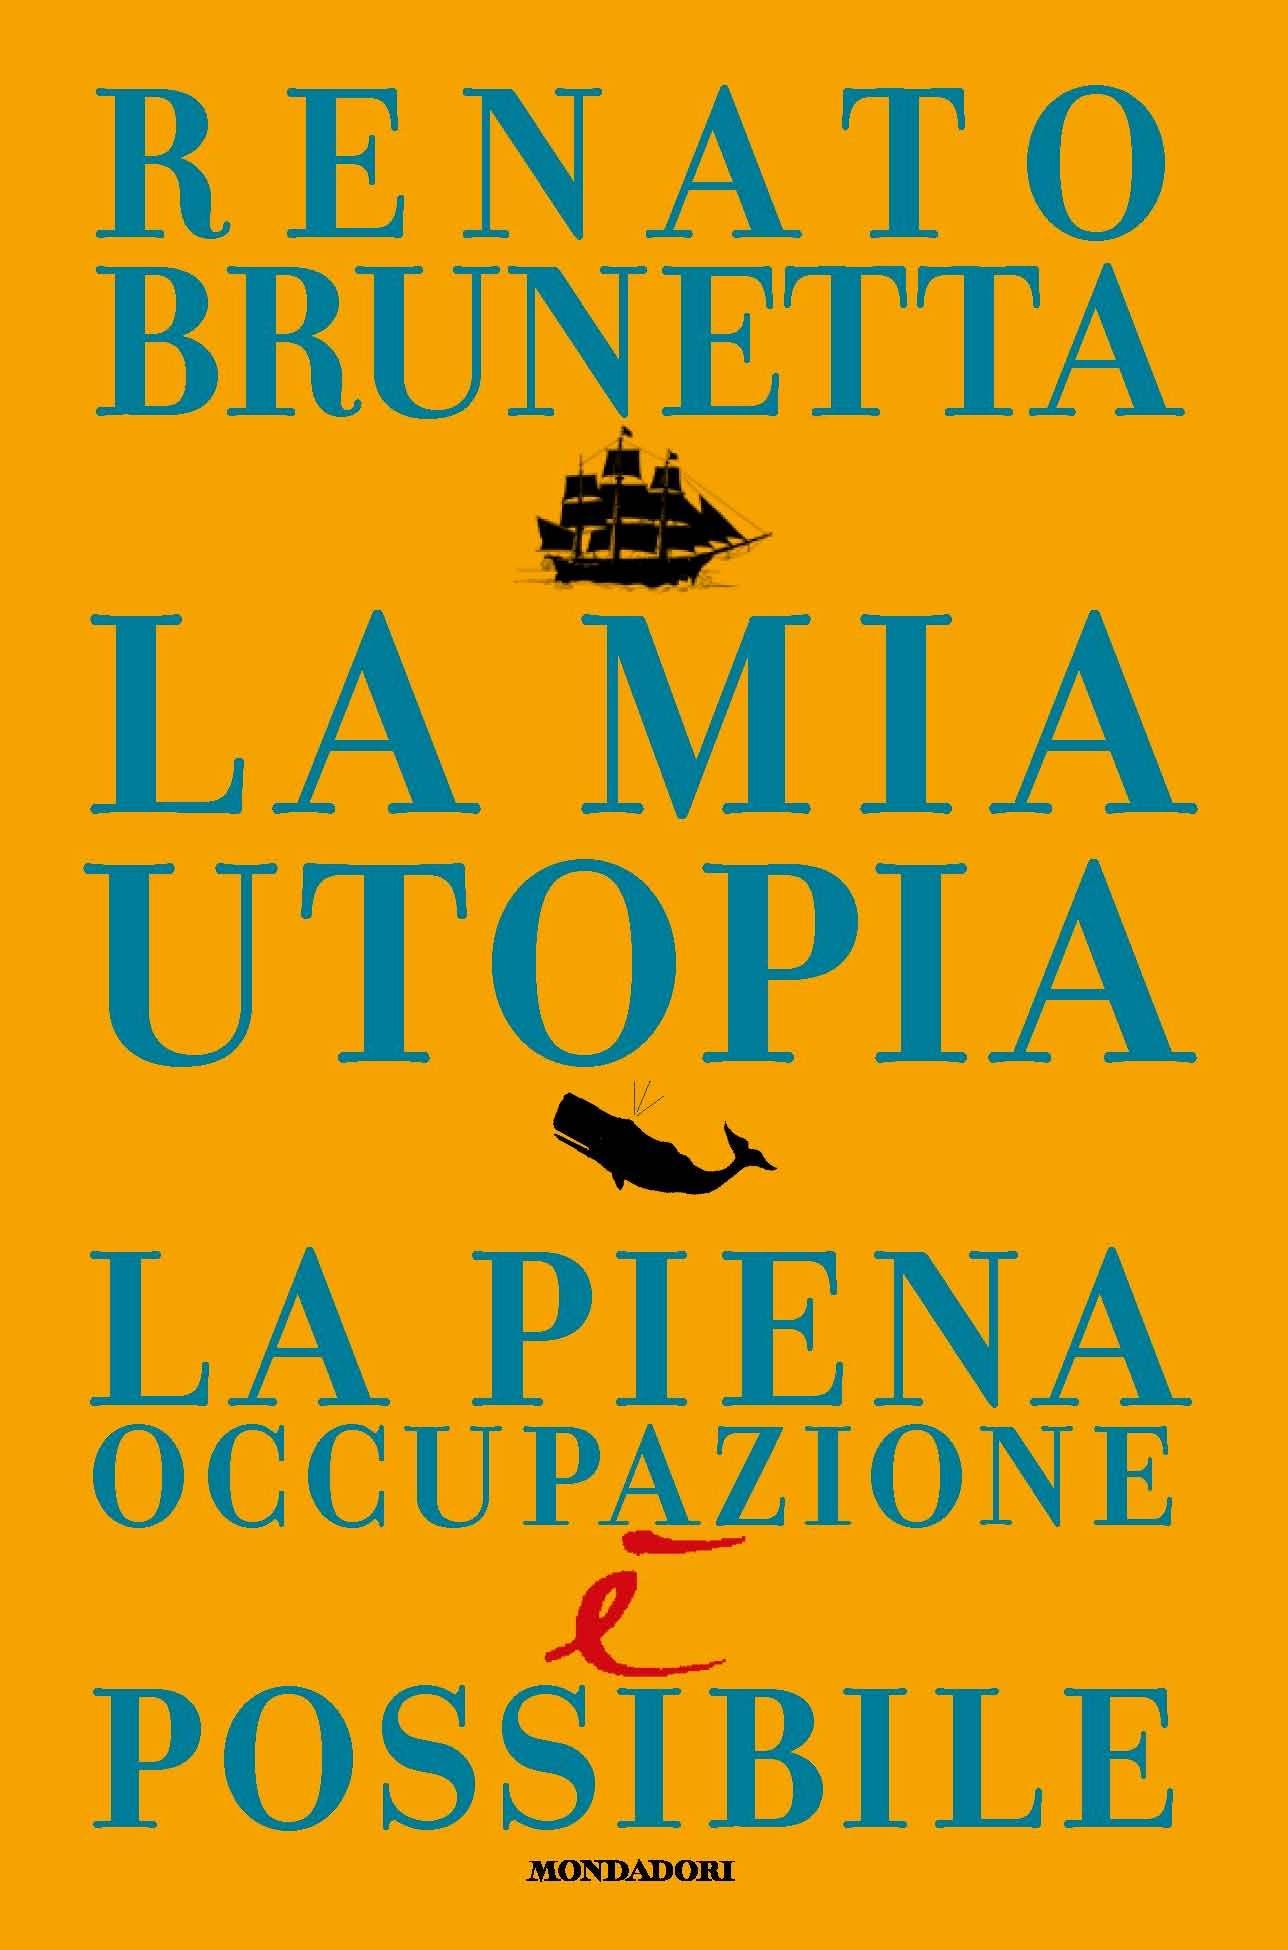 copertina la mia utopia